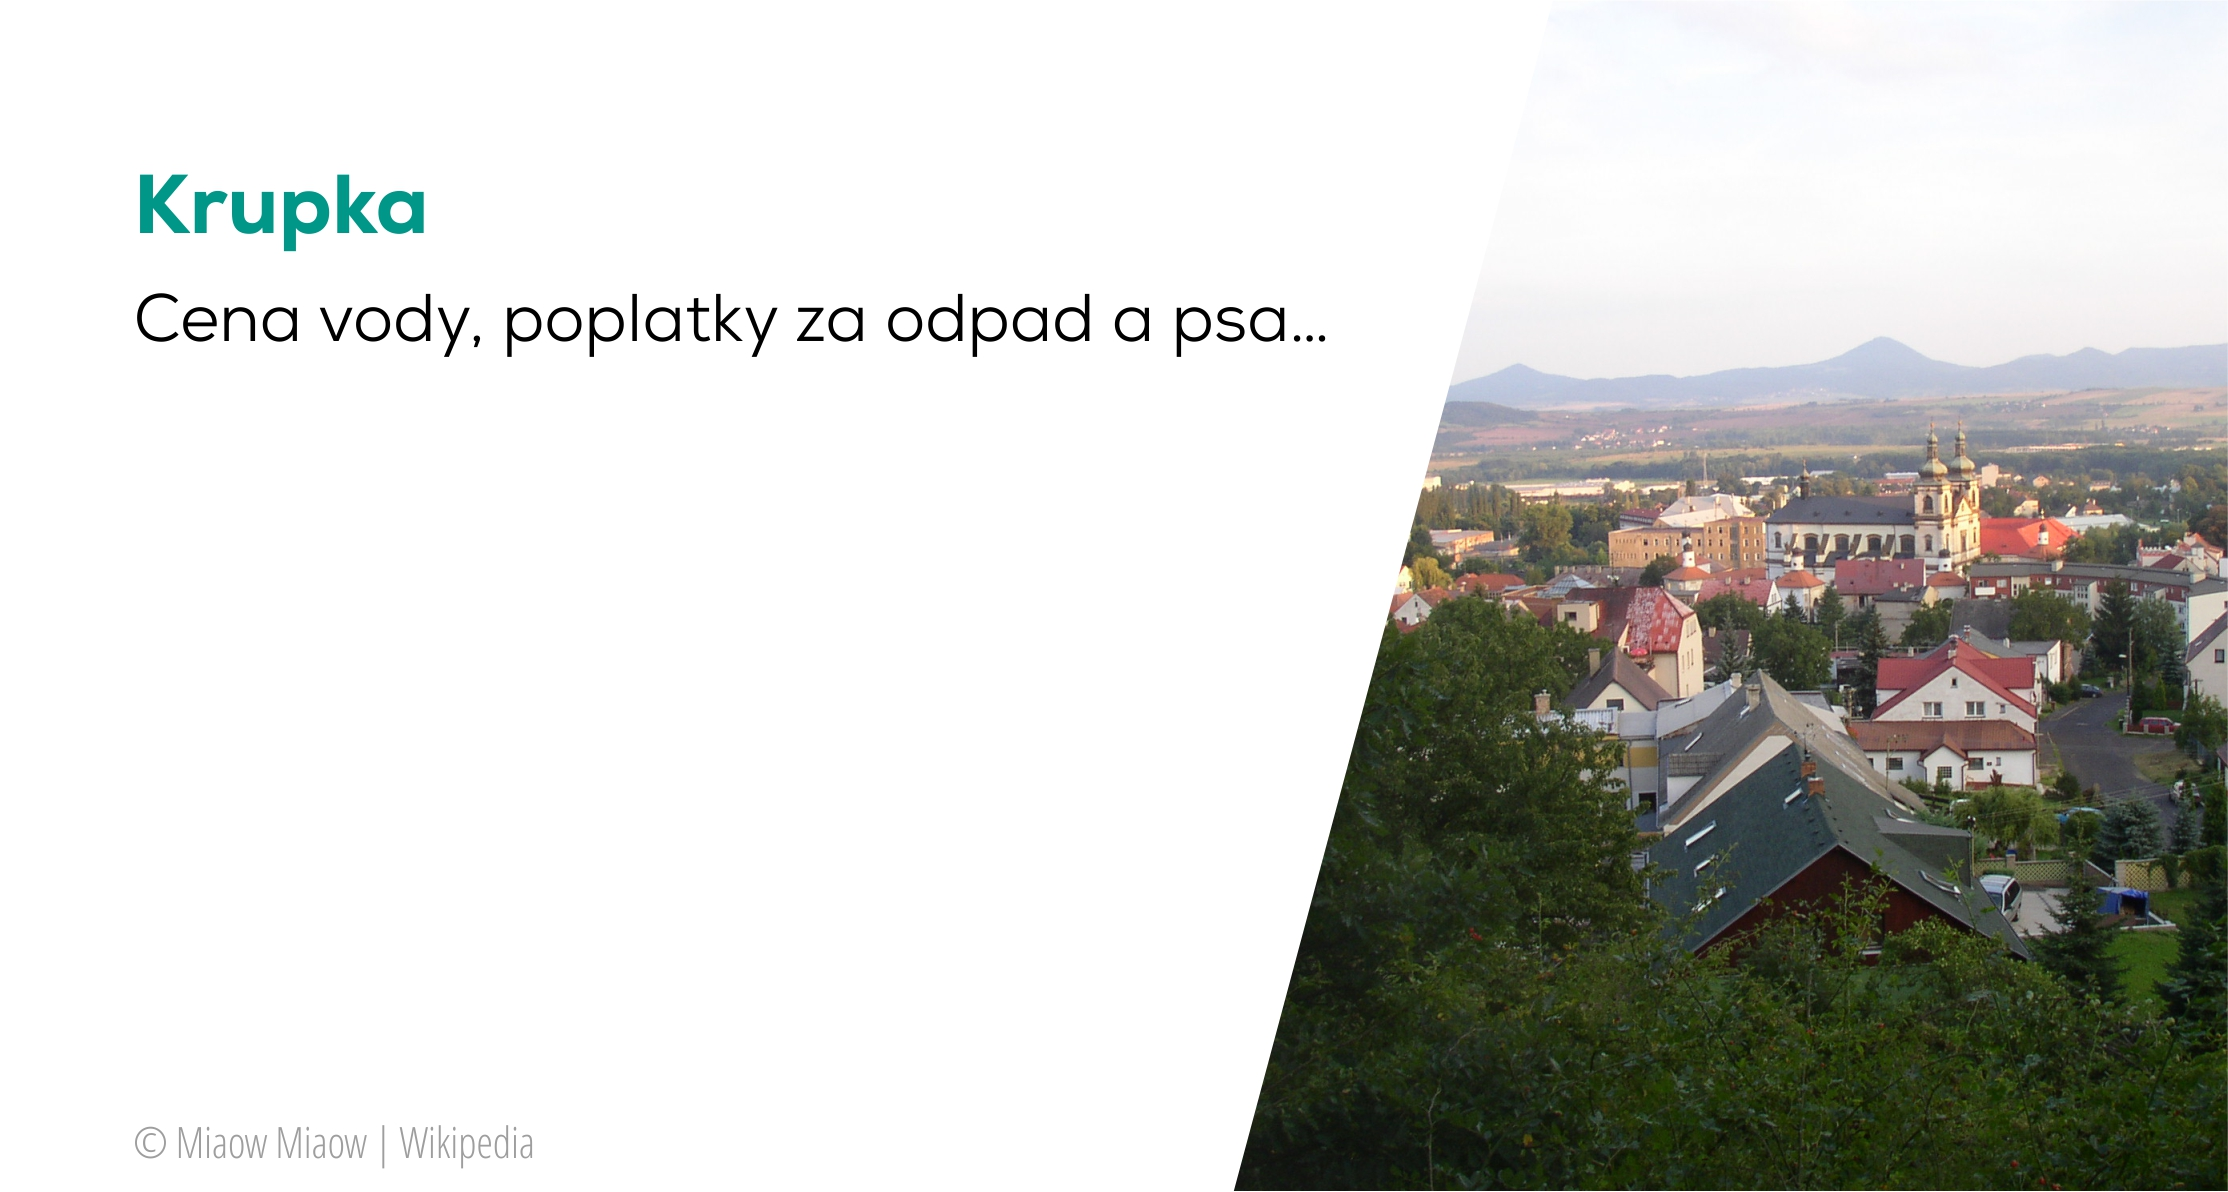 Rychlá Půjčka Do Vyplaty Plzeň: Rychlá pujcka online dobruška.